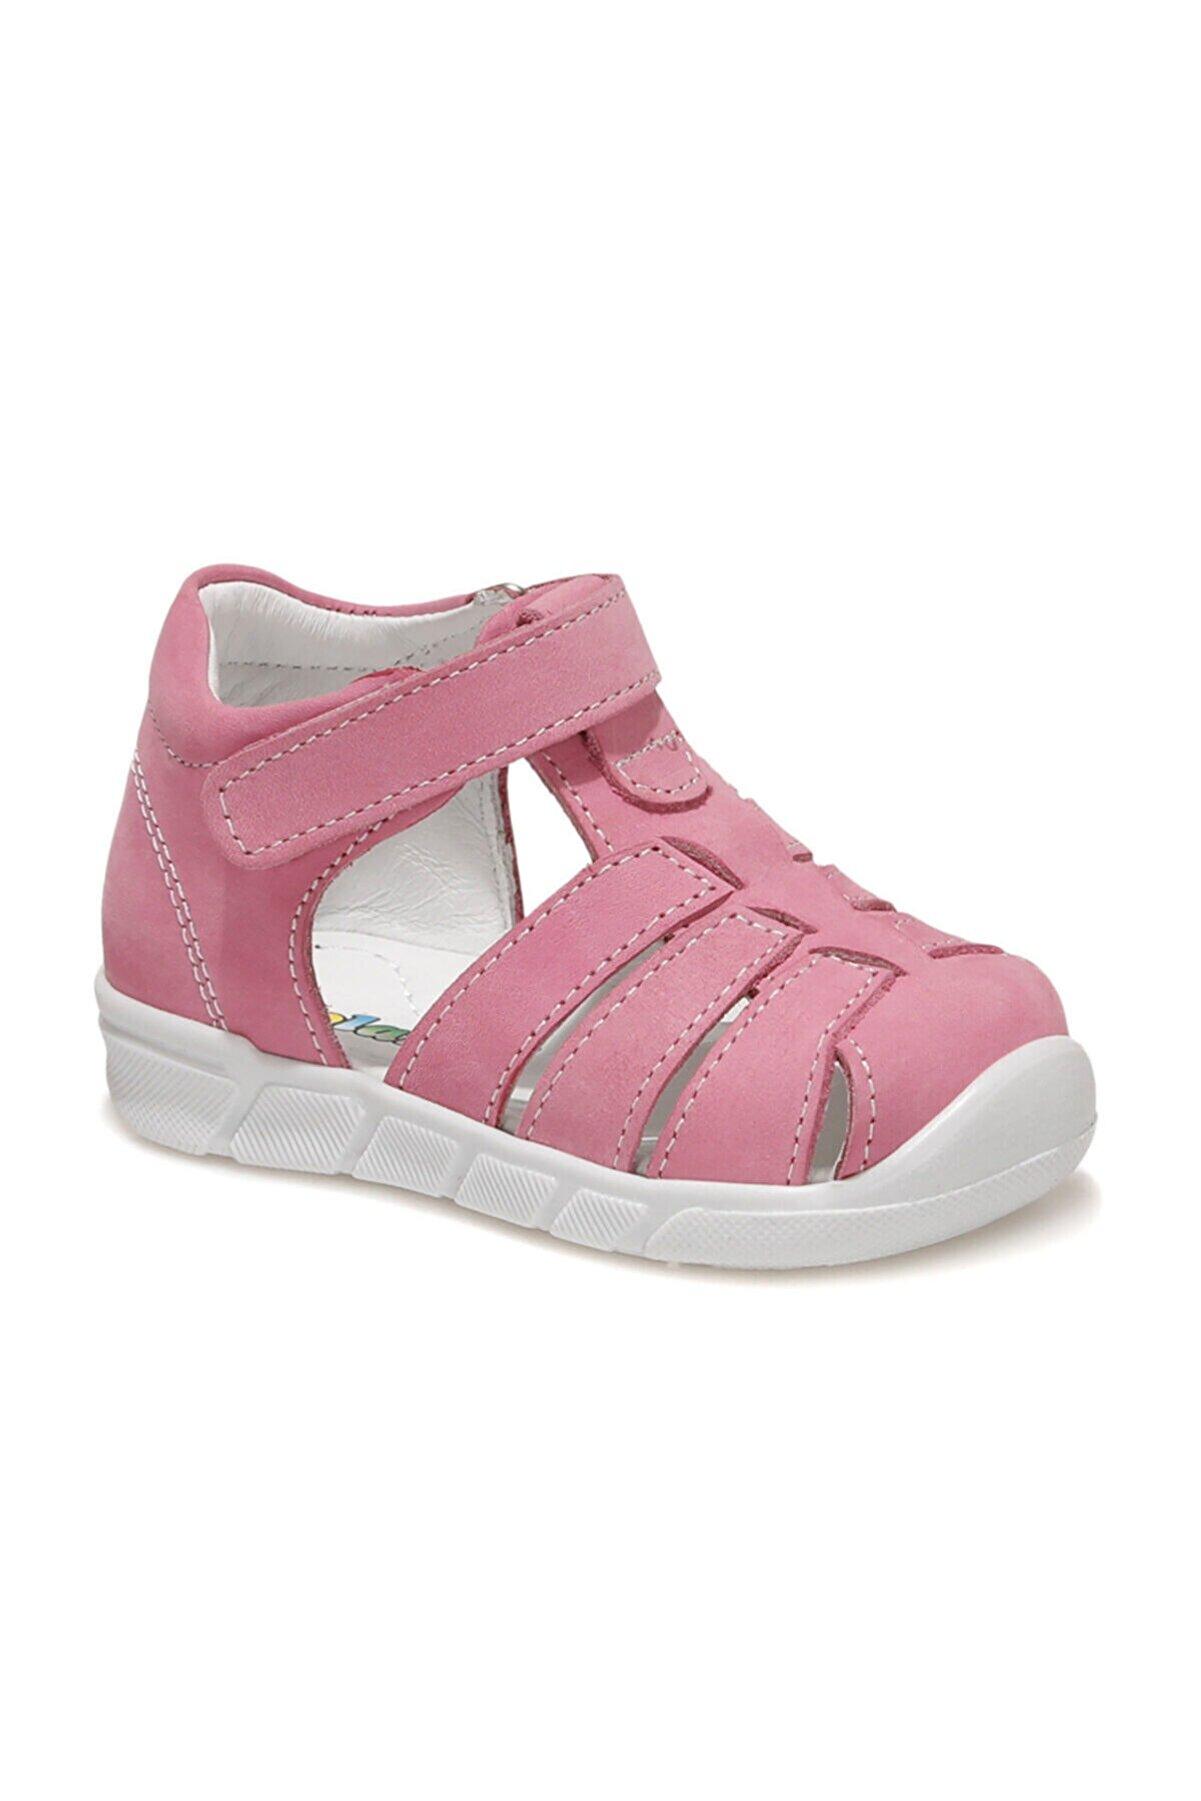 Polaris 615121.I1FX Pembe Kız Çocuk Günlük Ayakkabı 101010775